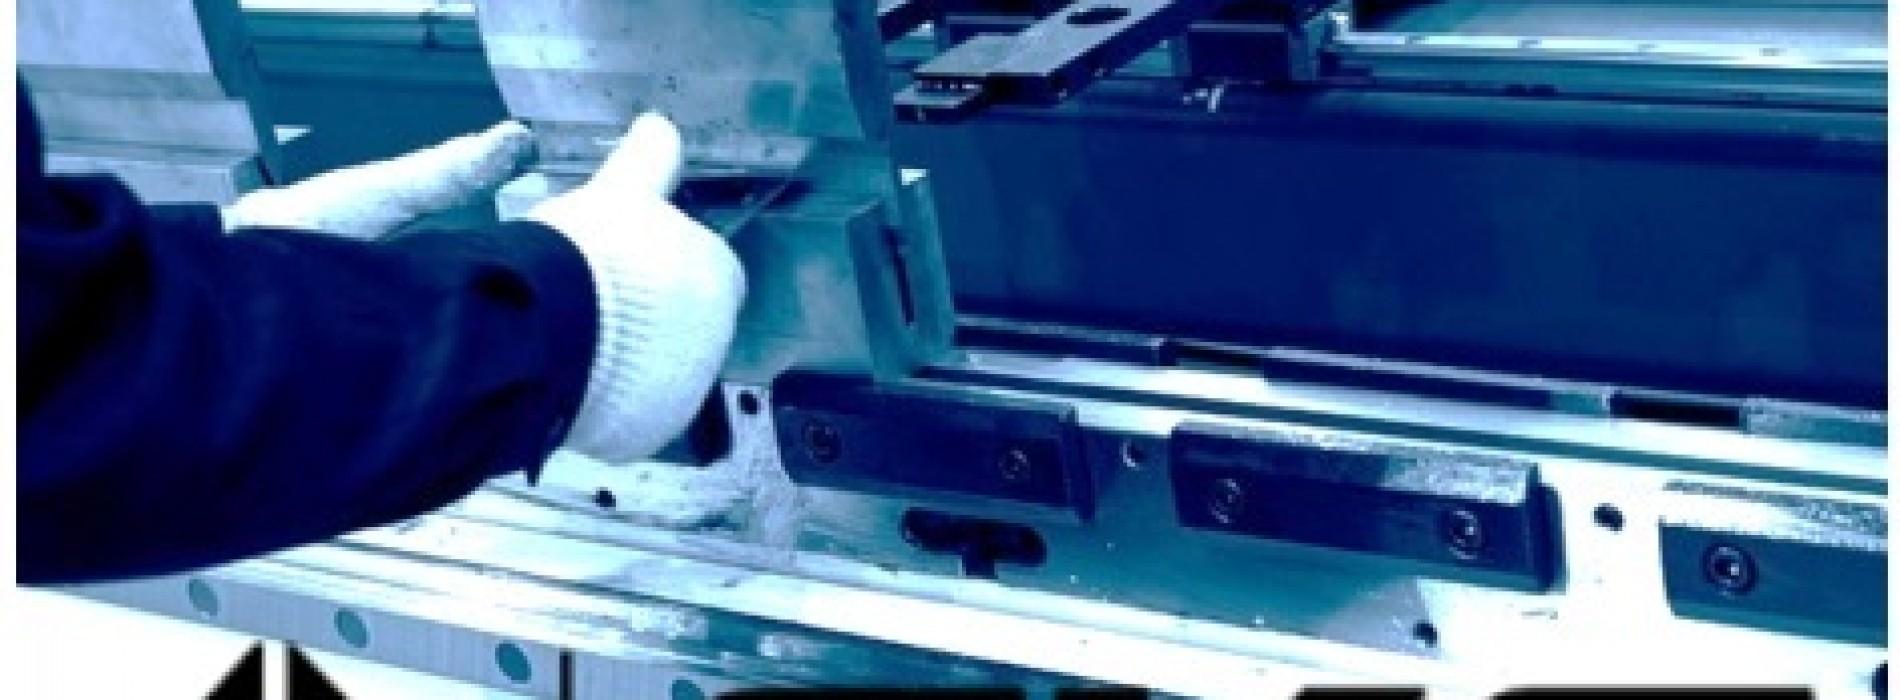 CKS – laserowe cięcie blach na najwyższym poziomie